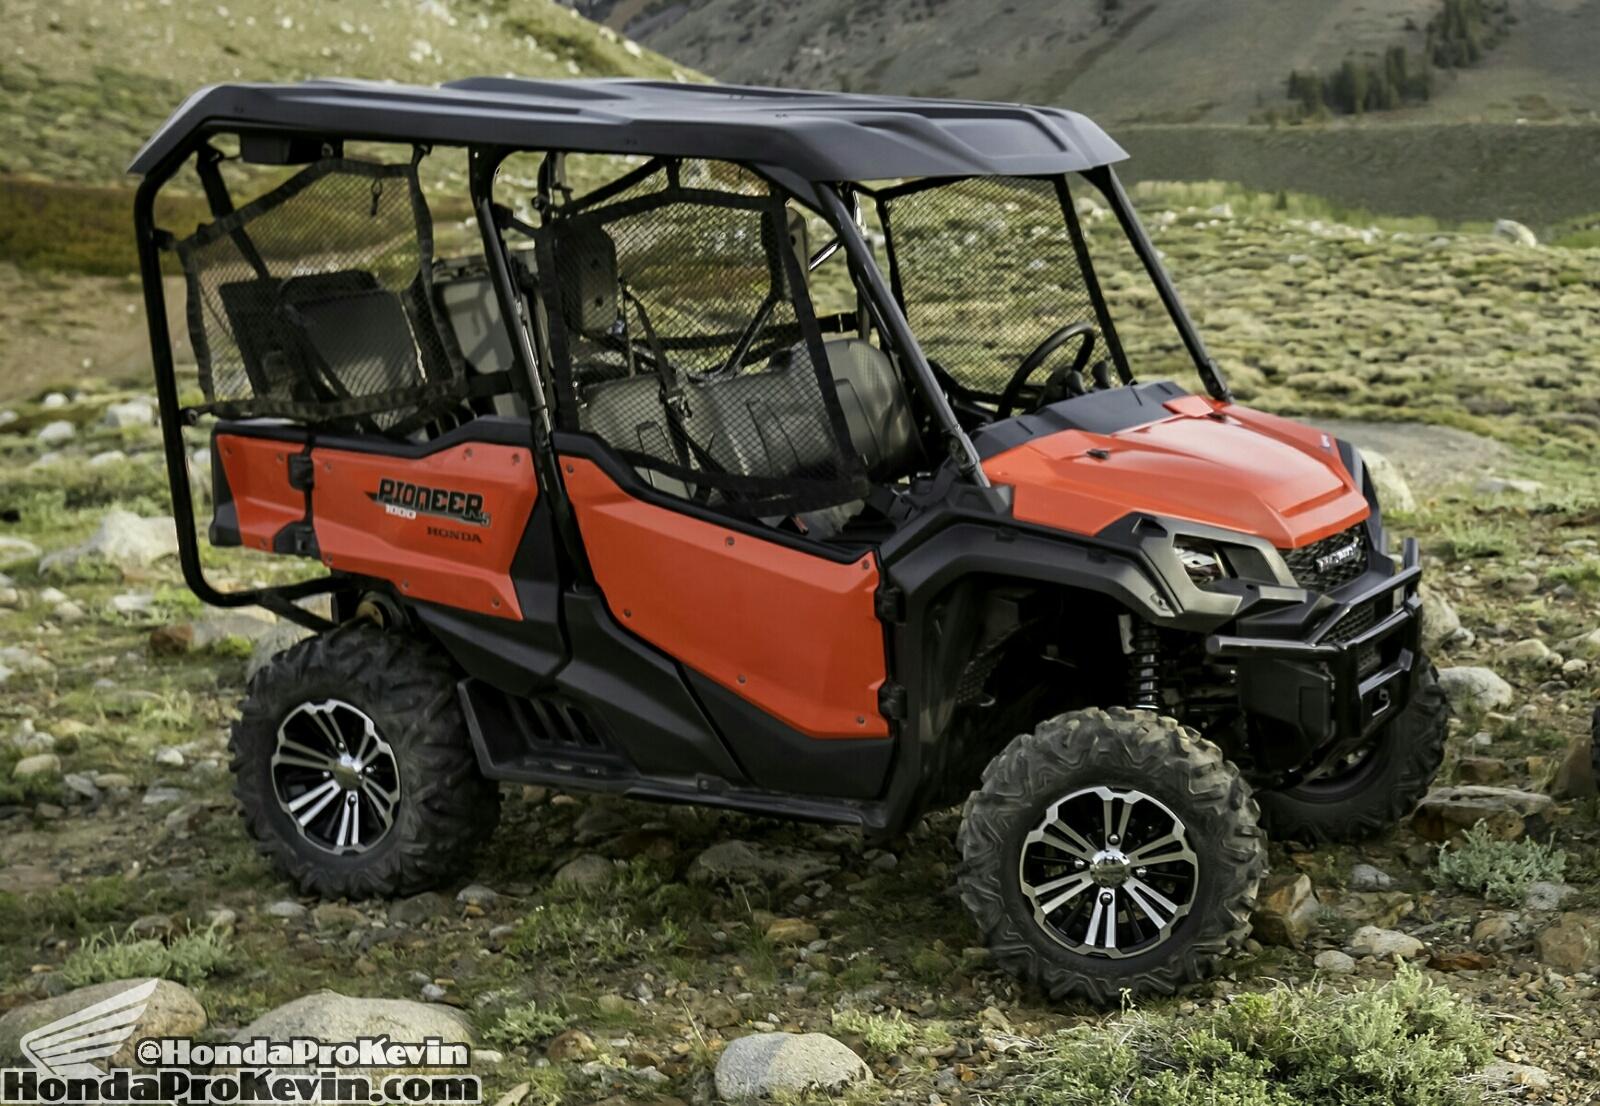 2016 Honda Pioneer 1000-5 5 Deluxe SxS / UTV / Side by Side ATV 1000 cc